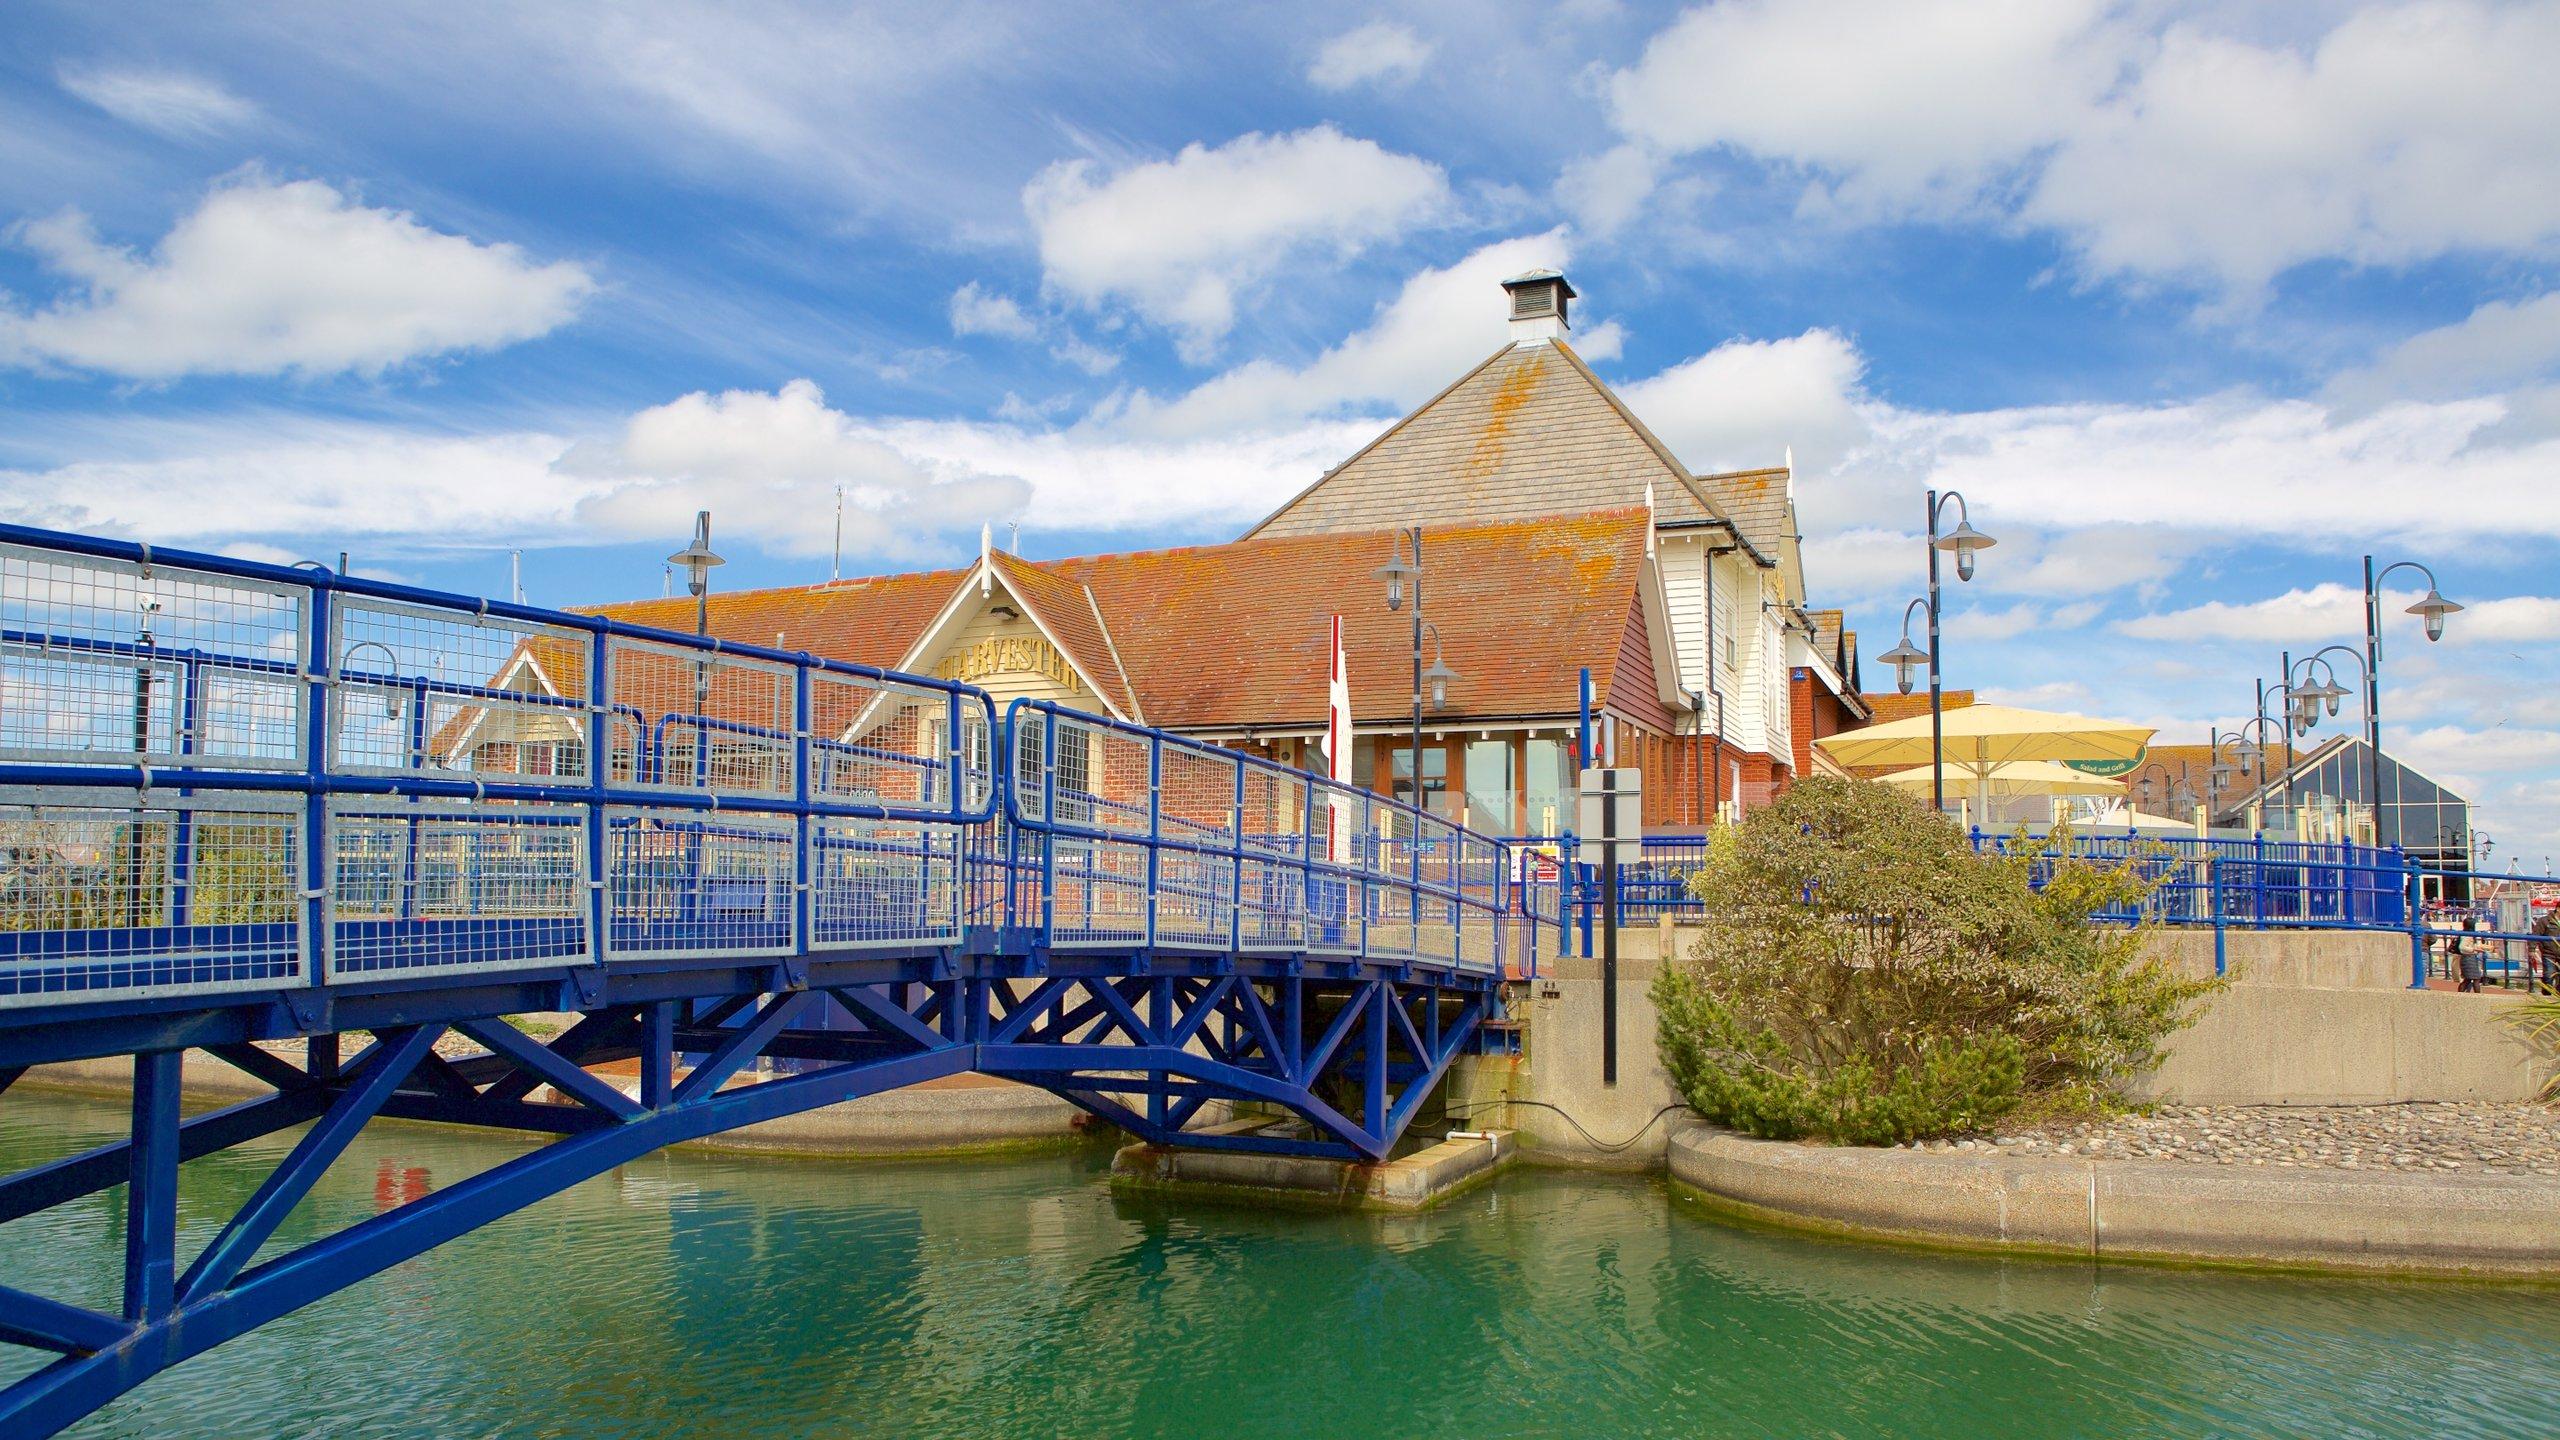 Sovereign Harbour, Eastbourne, England, United Kingdom